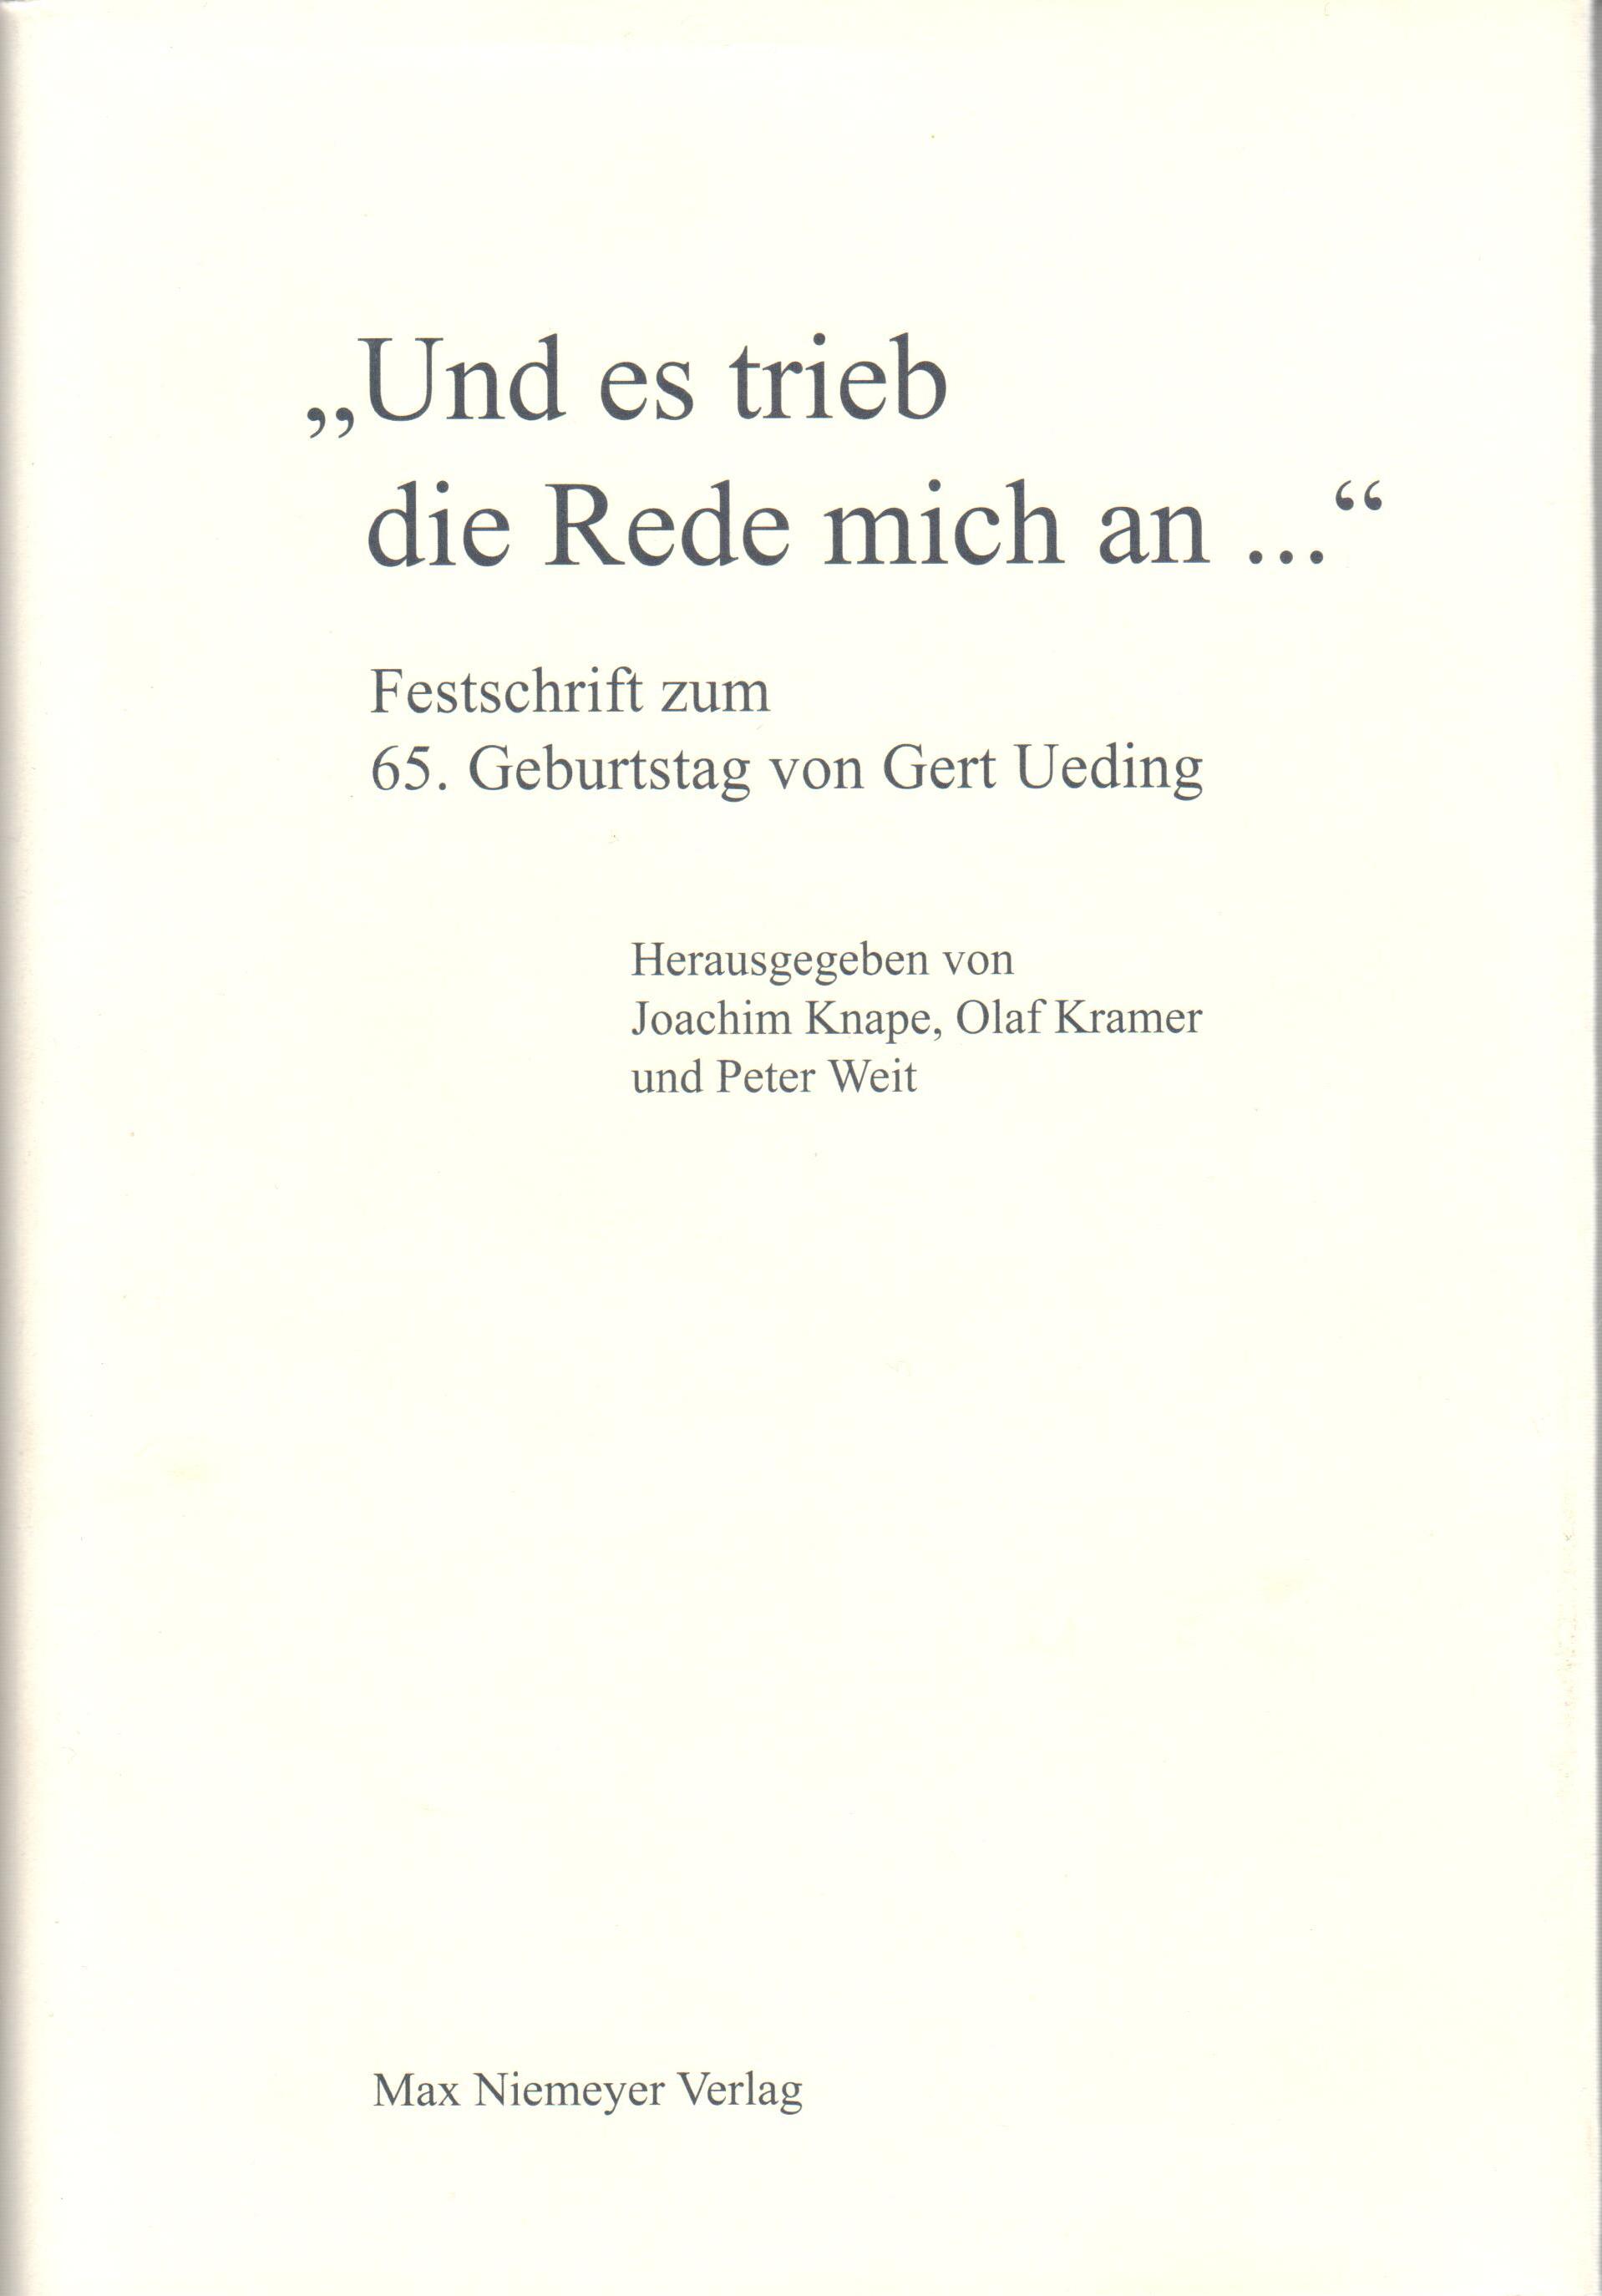 Seminar Für Allgemeine Rhetorik   Universität Tübingen